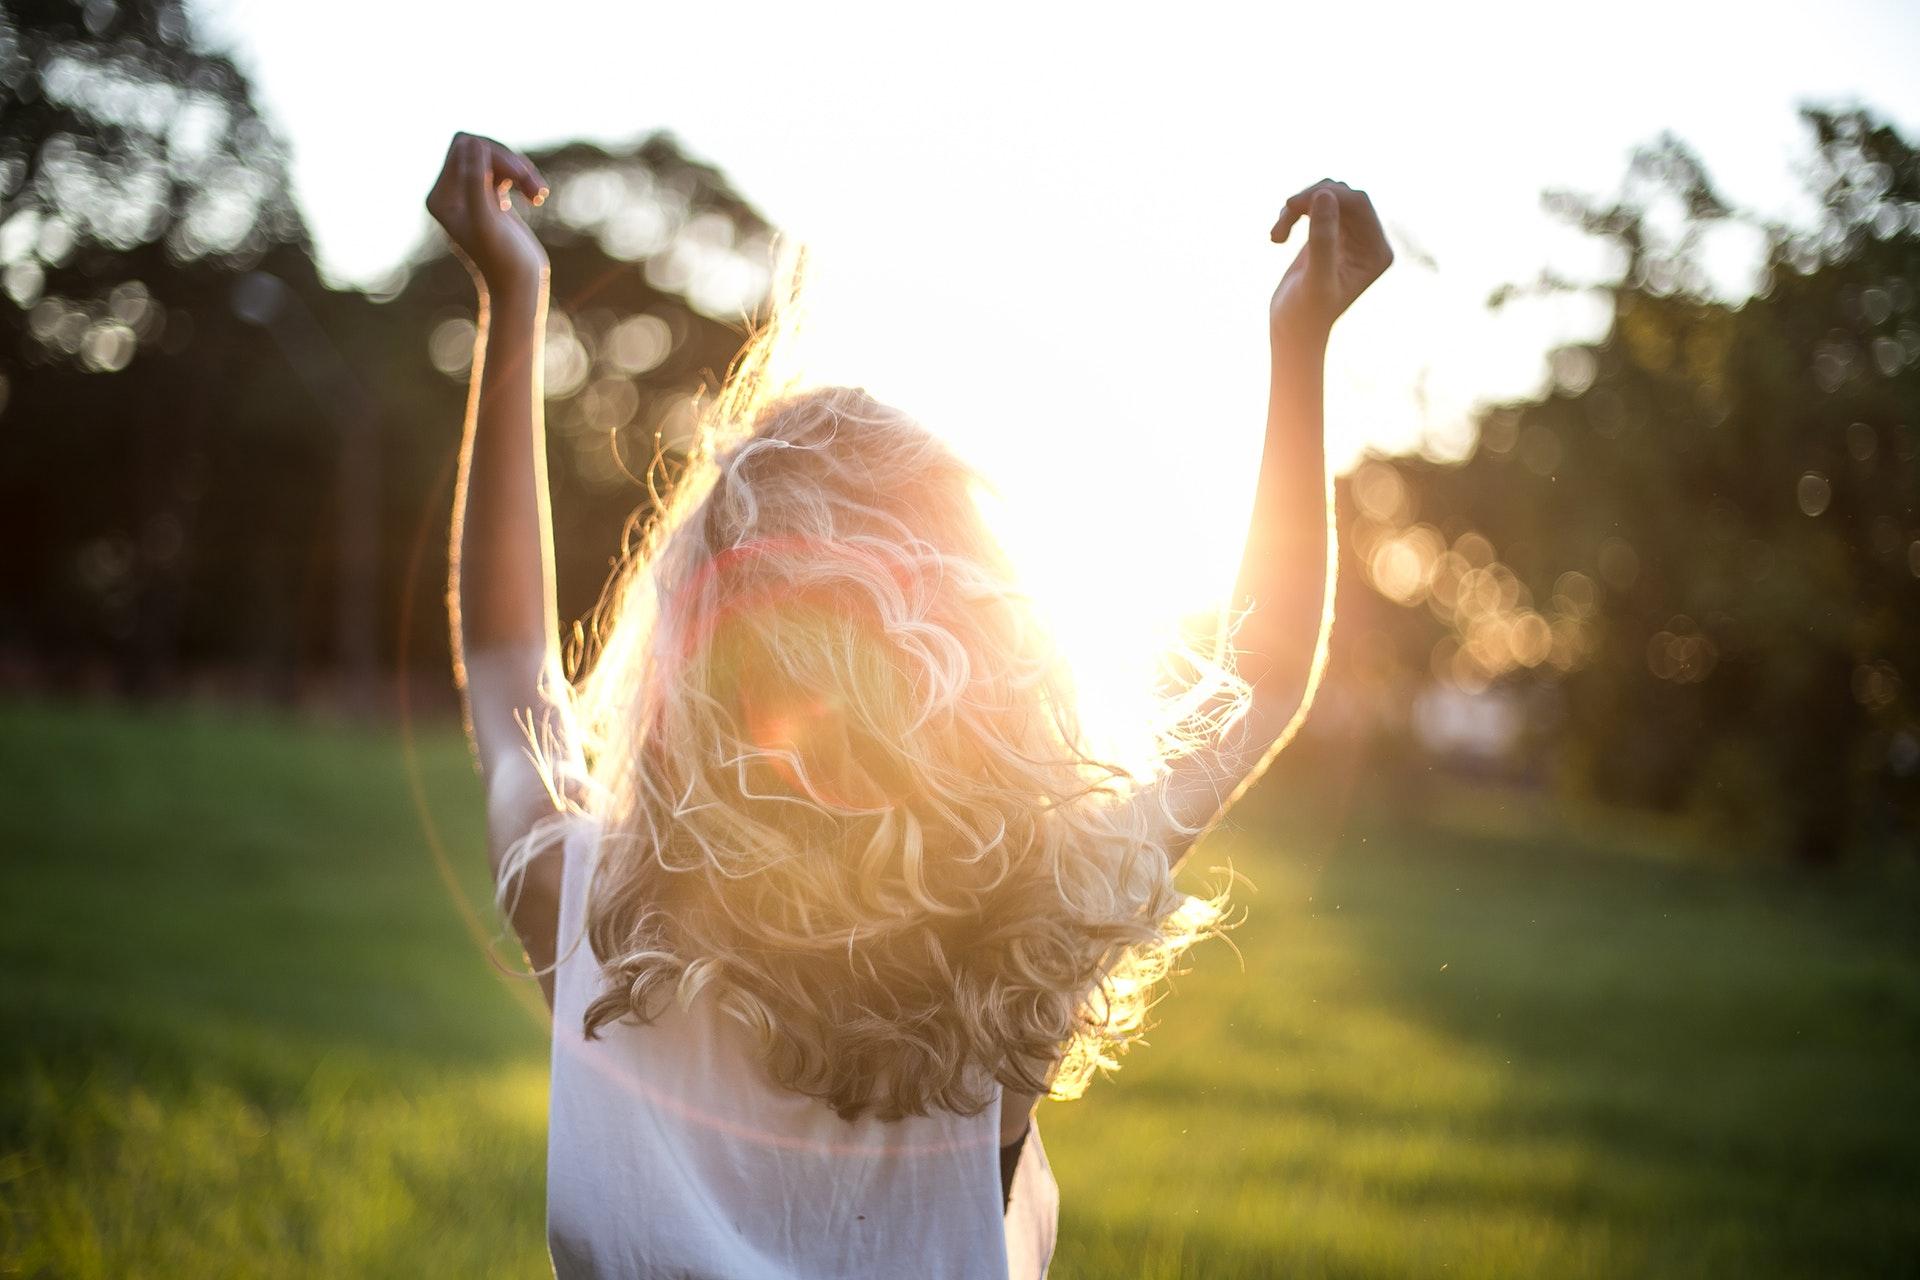 elsket, tilgive, mennesker, medmennesker, forskellighed, liv, valg